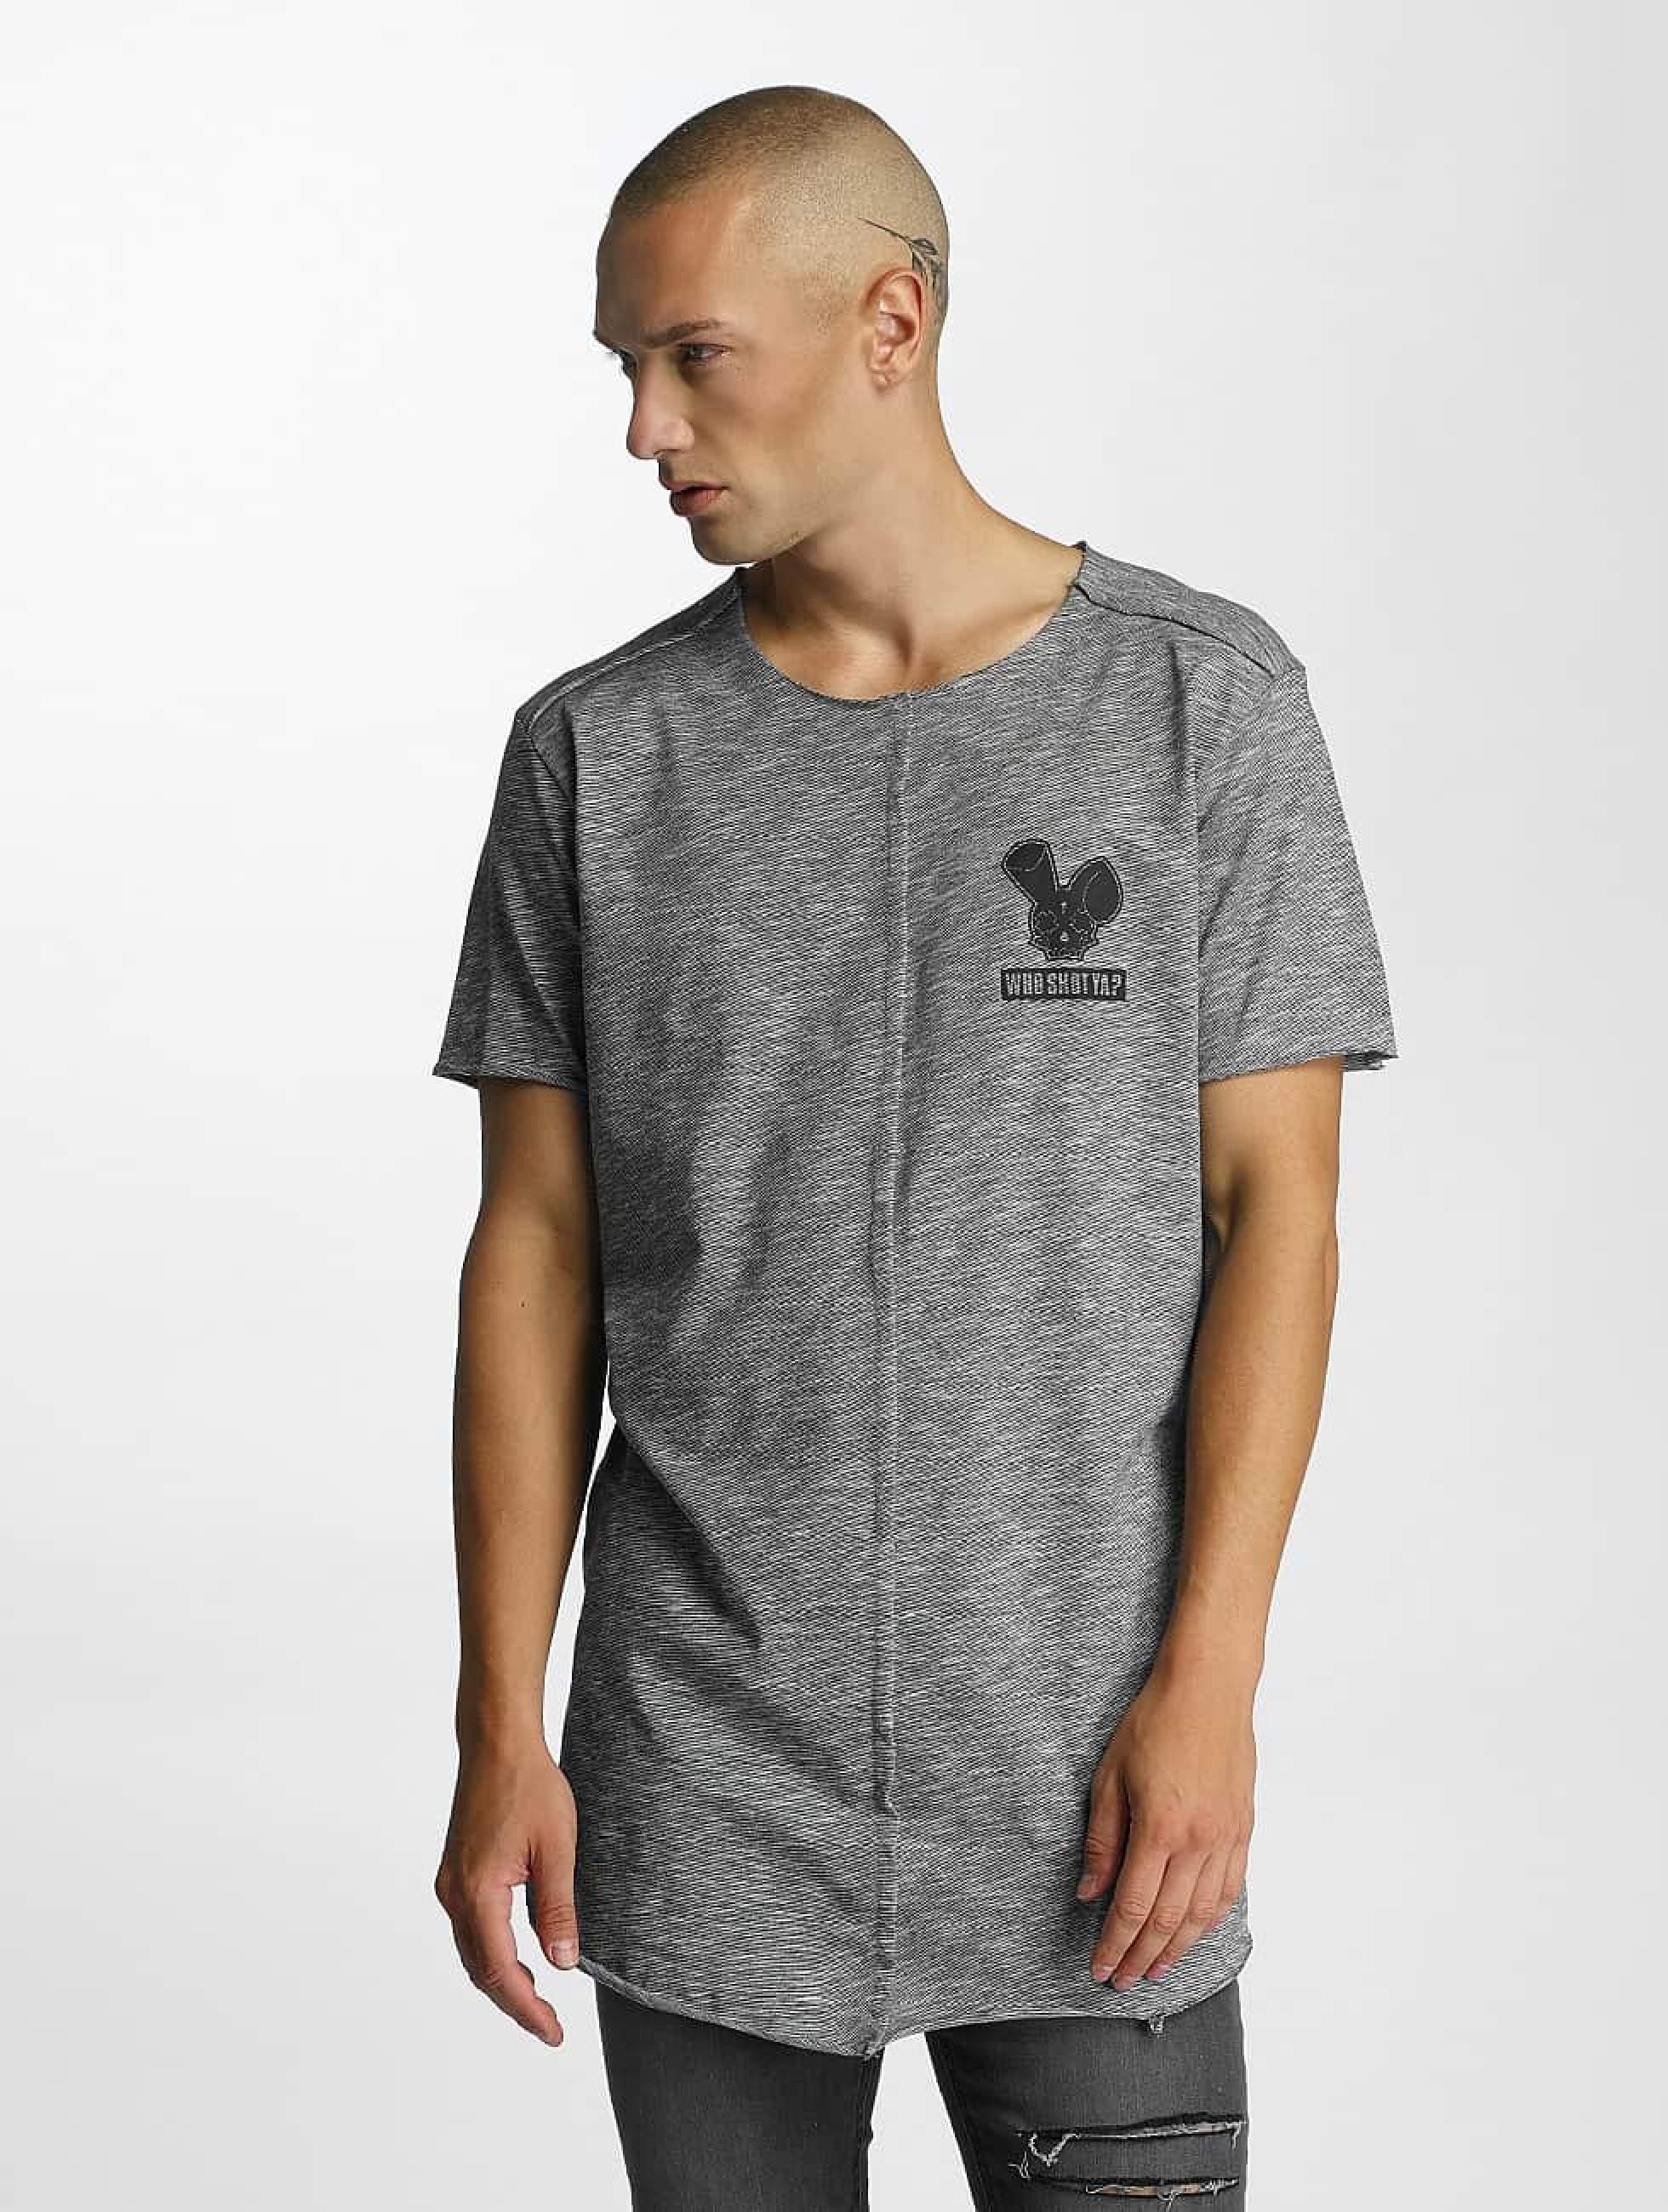 Who Shot Ya? / T-Shirt Kochi in grey S